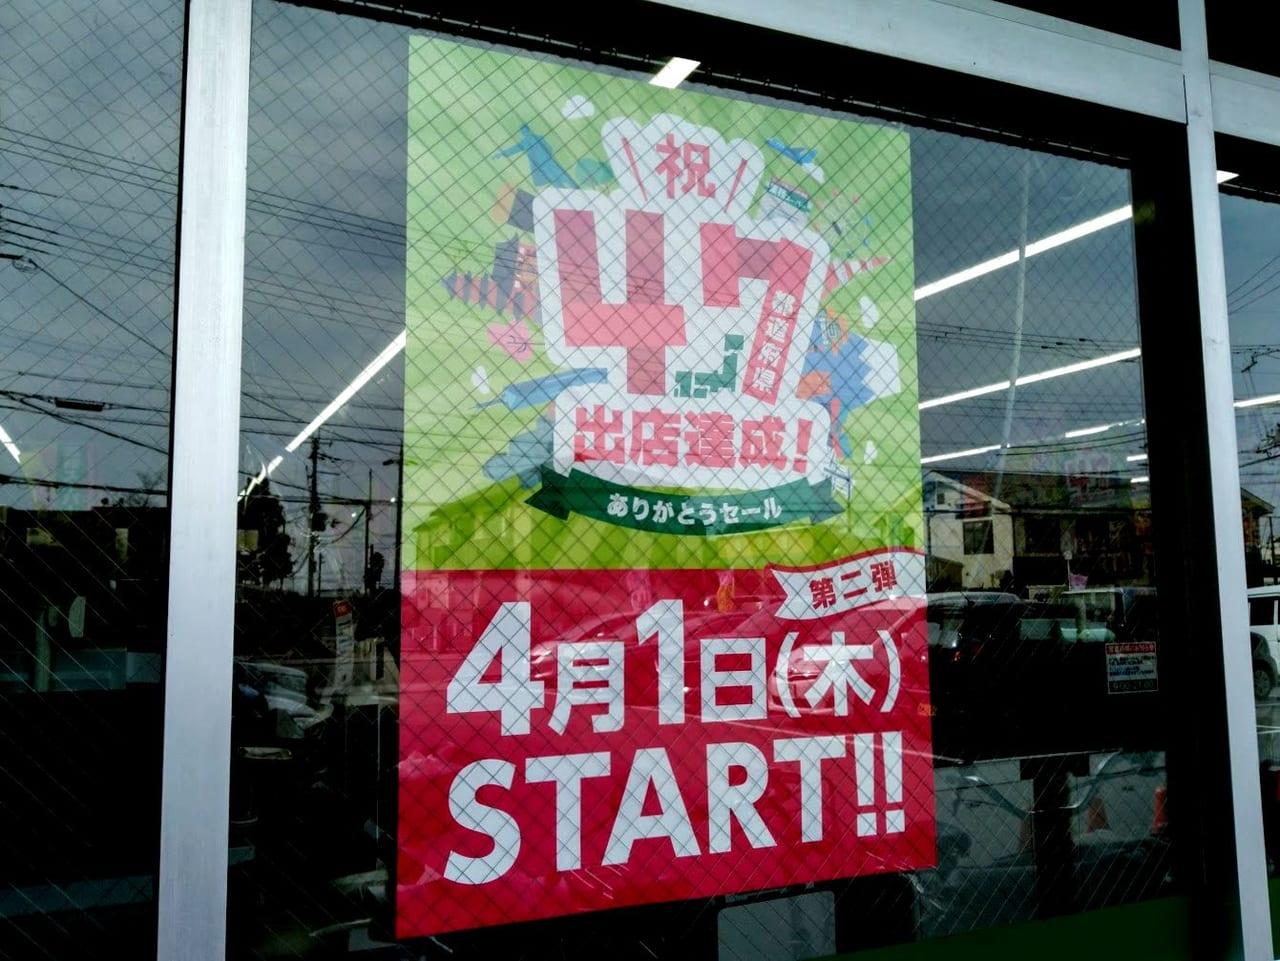 業務スーパー祝47都道府県出店達成ありがとうセール